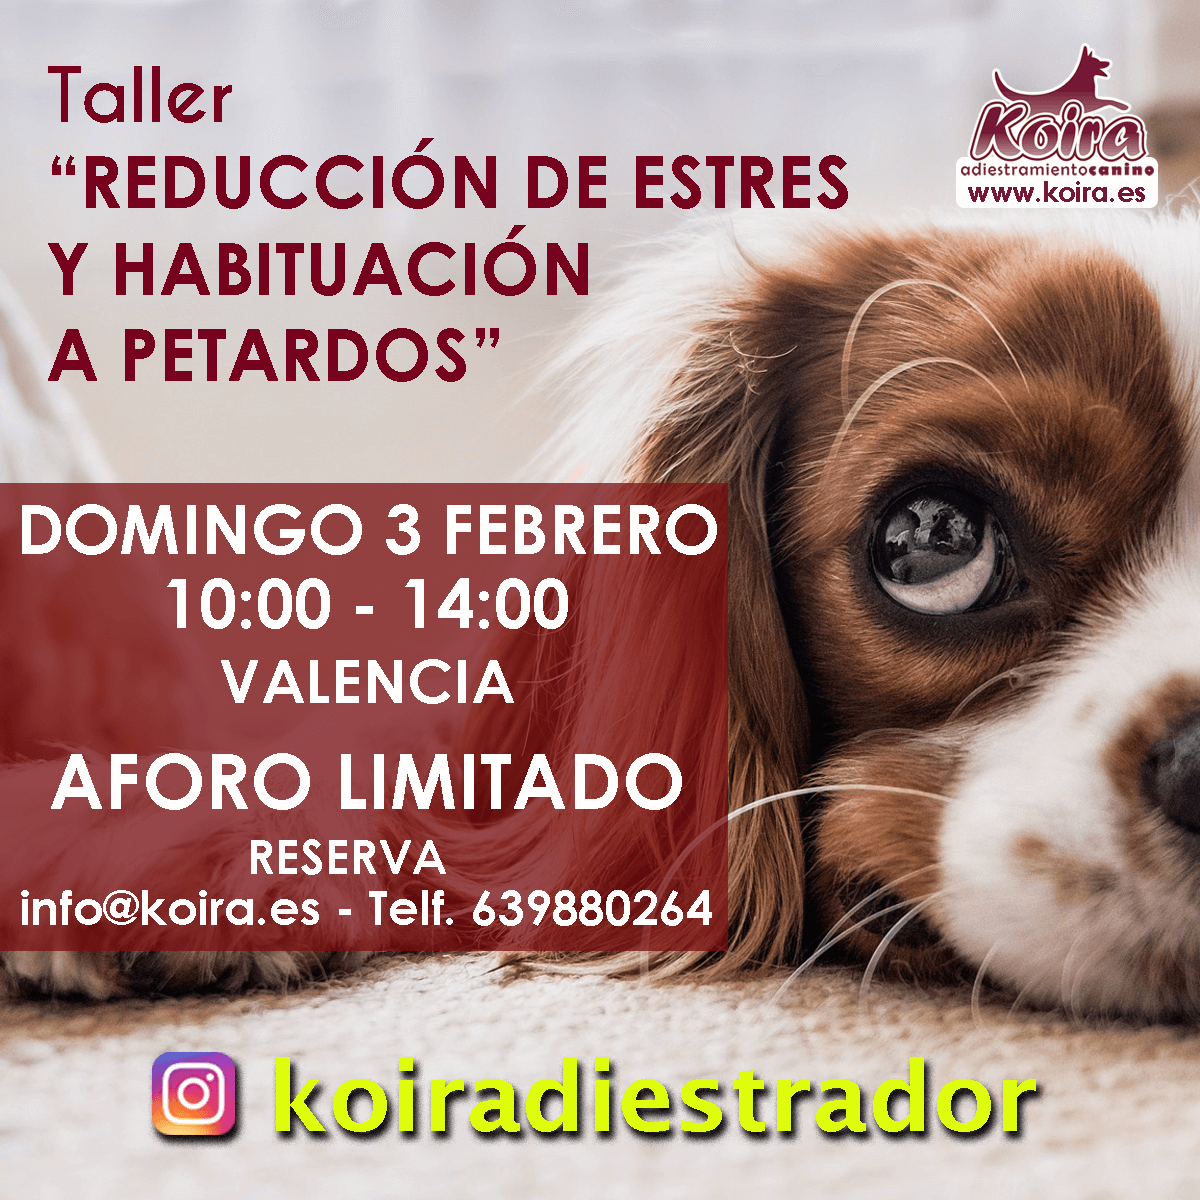 20190203 Taller reduccion de Estres y habituacion a petardos instagram